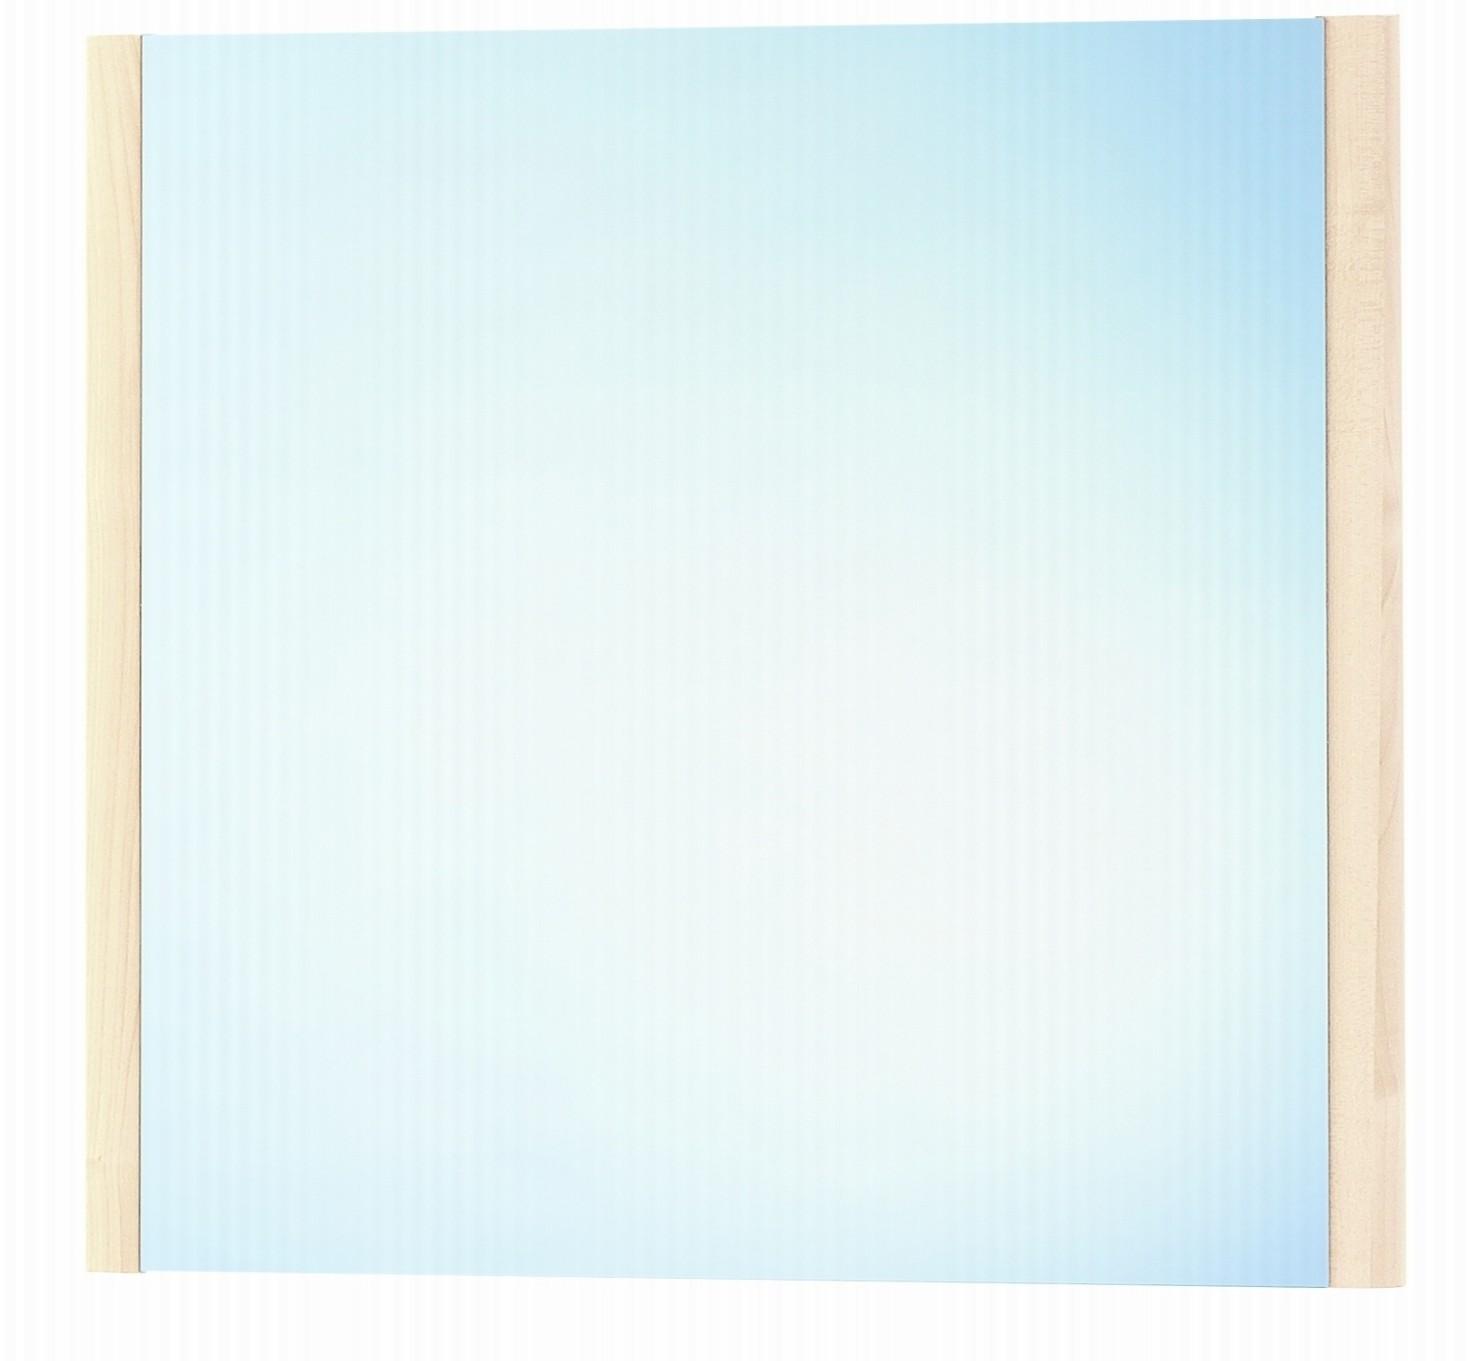 Зеркало DrejaЗеркала<br>Высота: 800, Ширина: 580, Форма зеркала: прямоугольник, Назначение: для ванной, прихожей, Зеркало в раме: есть, Тип рамы: деревянная, Цвет рамы: береза, Коллекция: lafutura<br>